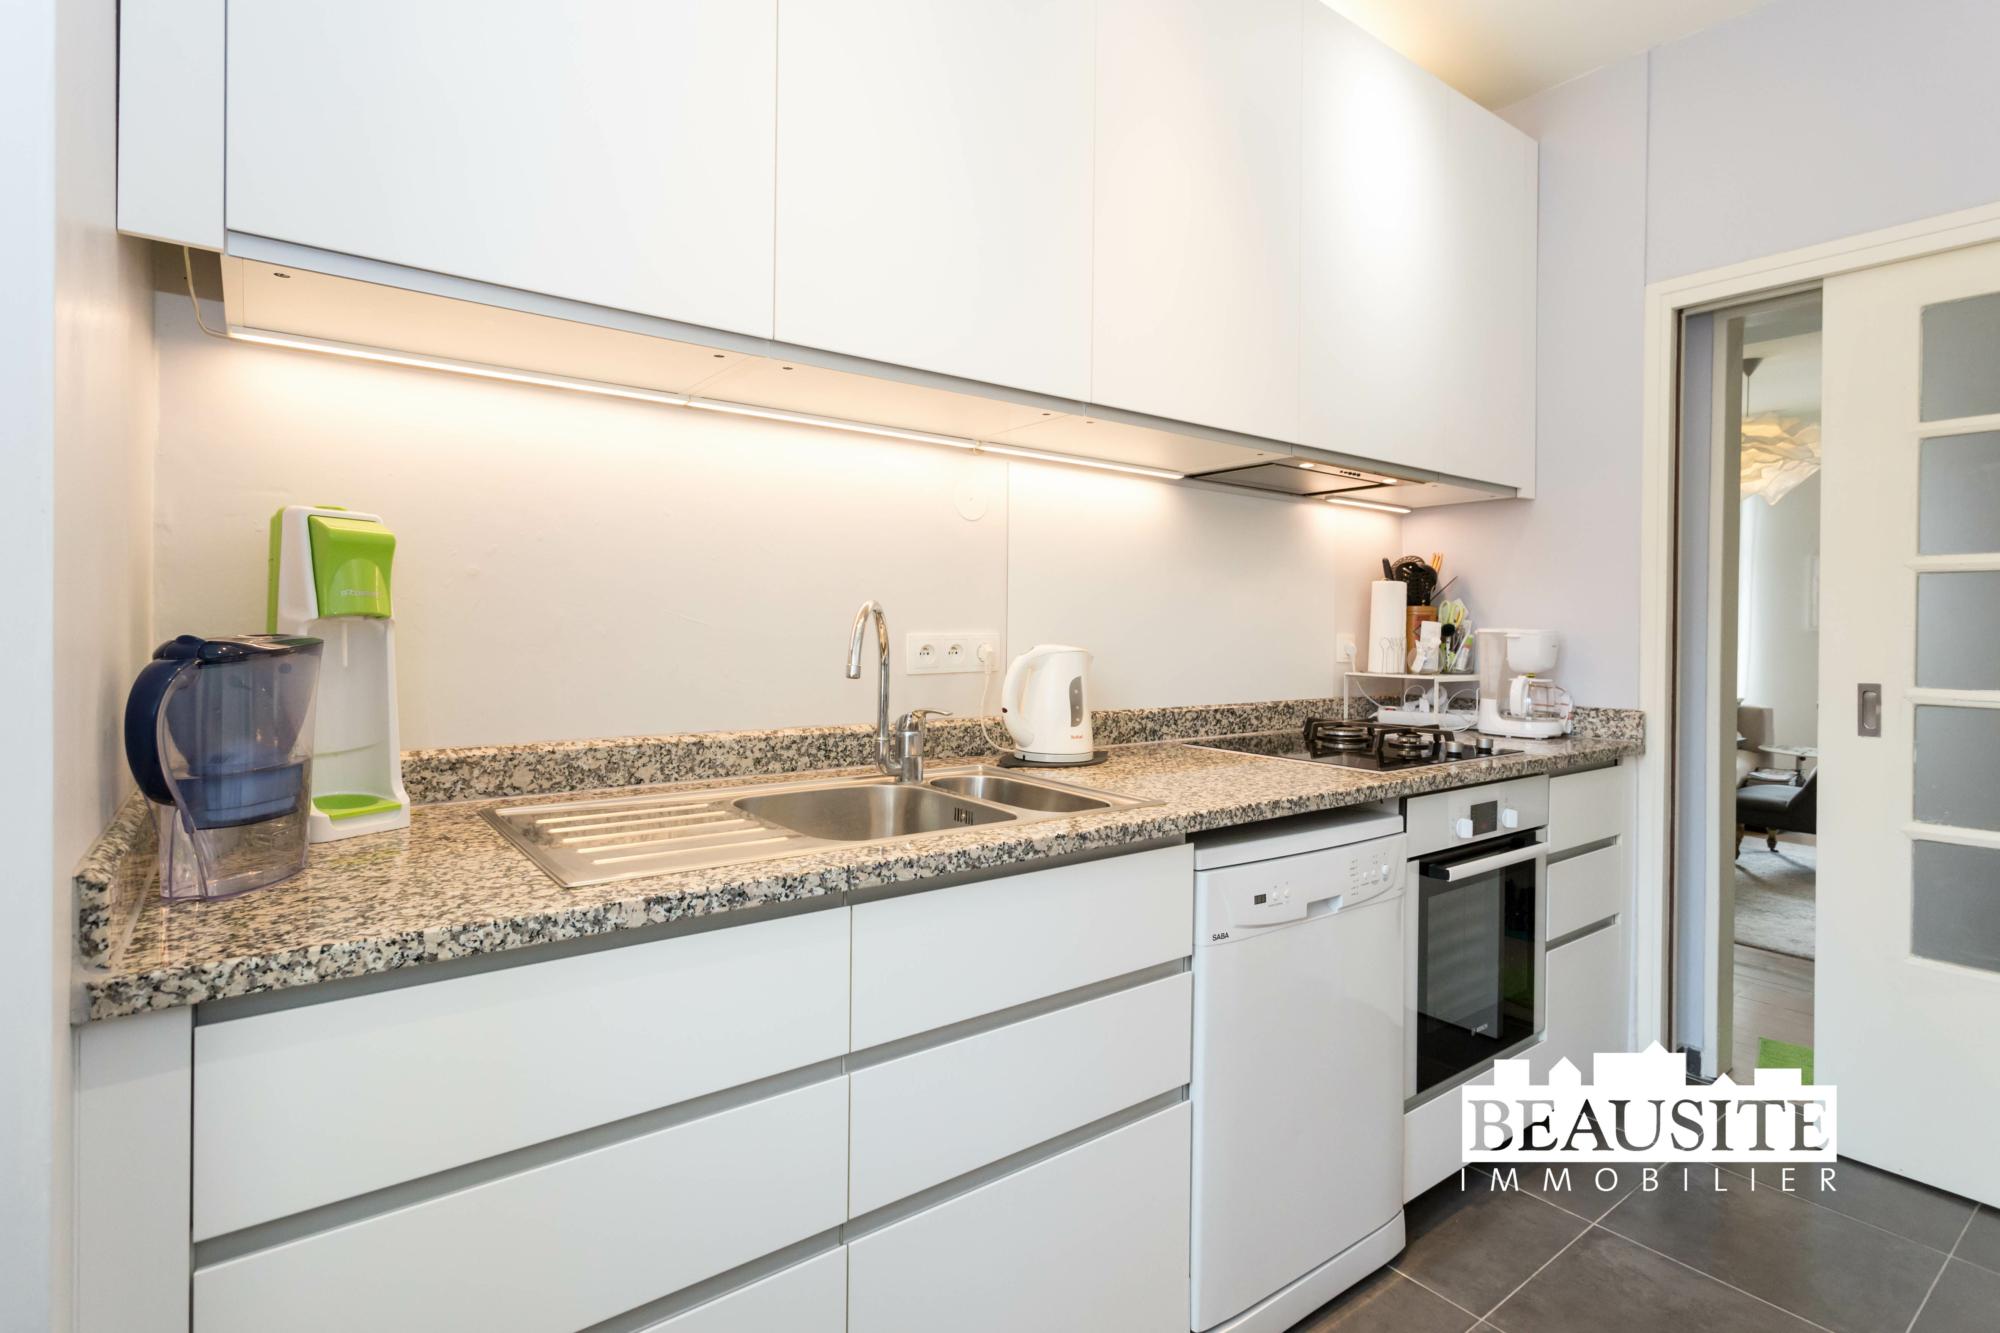 [La bulle] Un appartement cosy au cœur de Strasbourg - Halles / rue du Marché - nos ventes - Beausite Immobilier 8